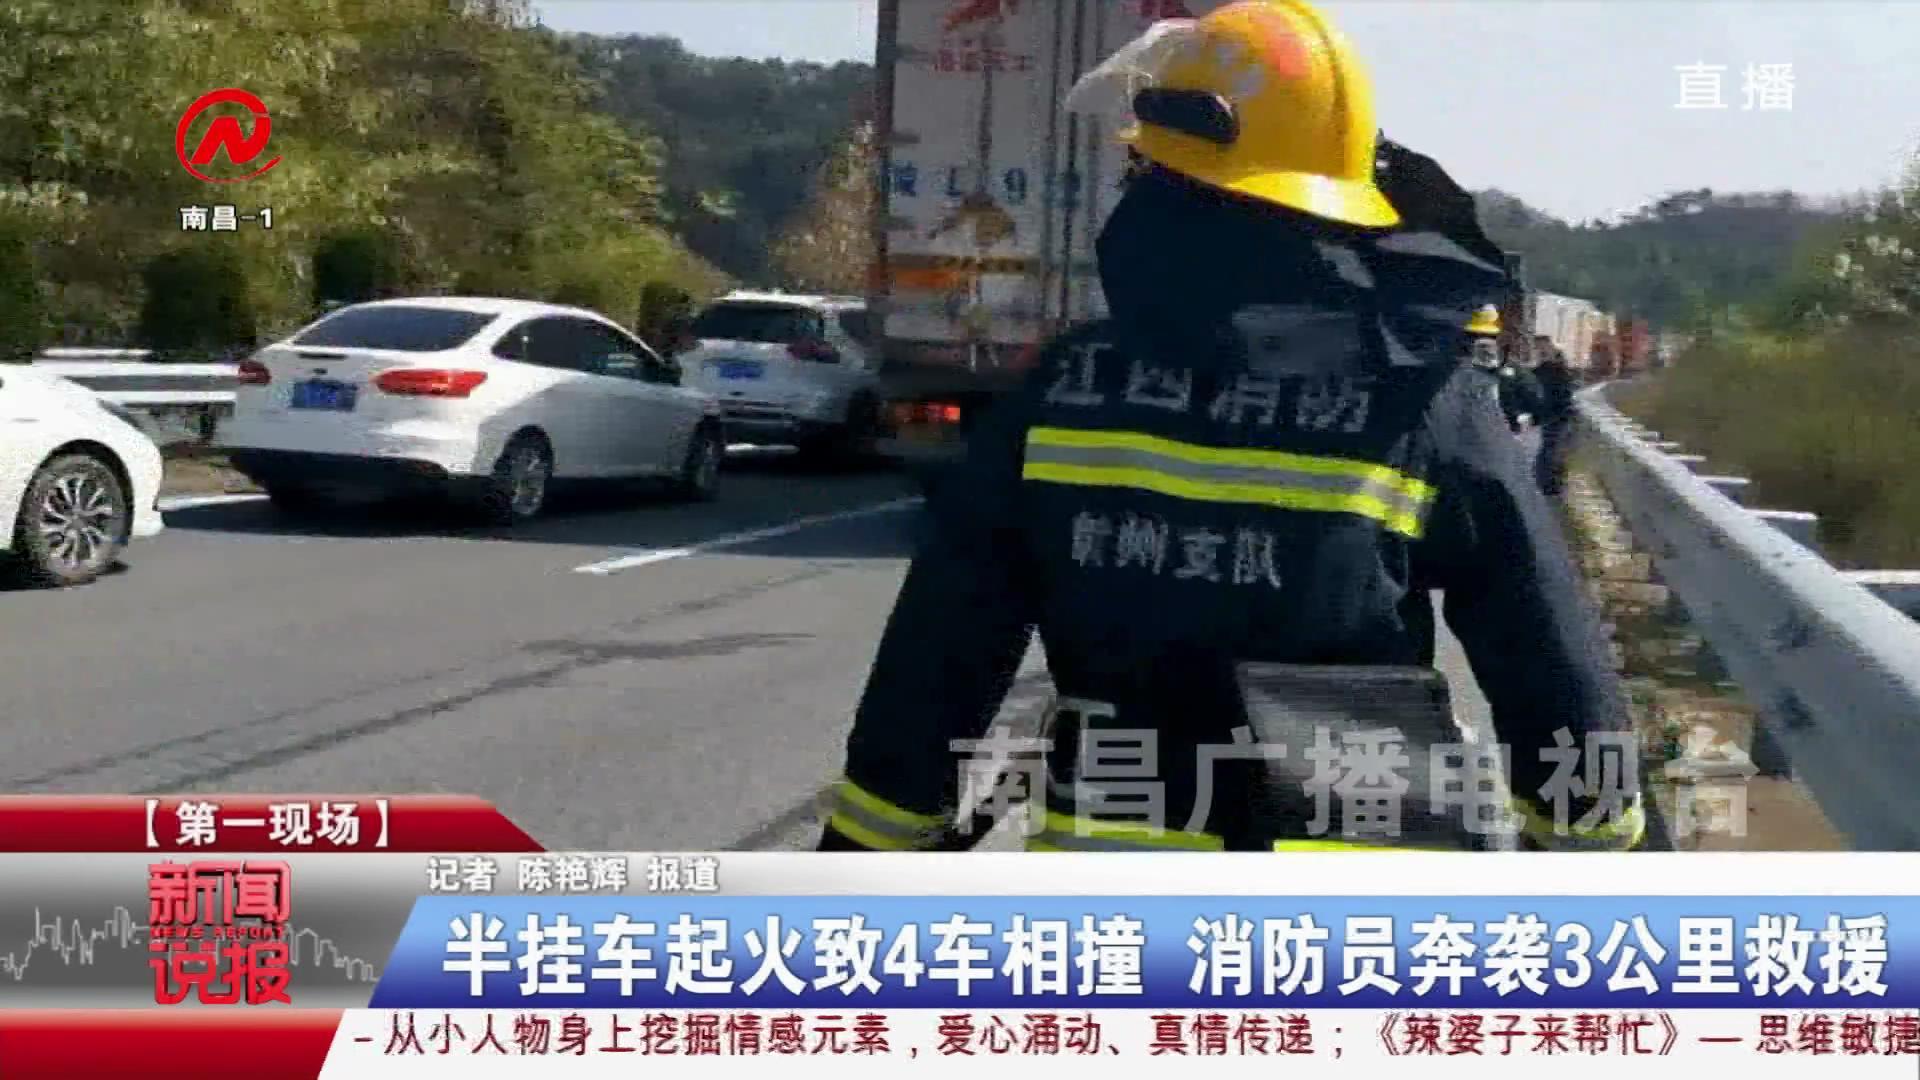 半挂车起火致4车相撞 消防员奔袭3公里救援